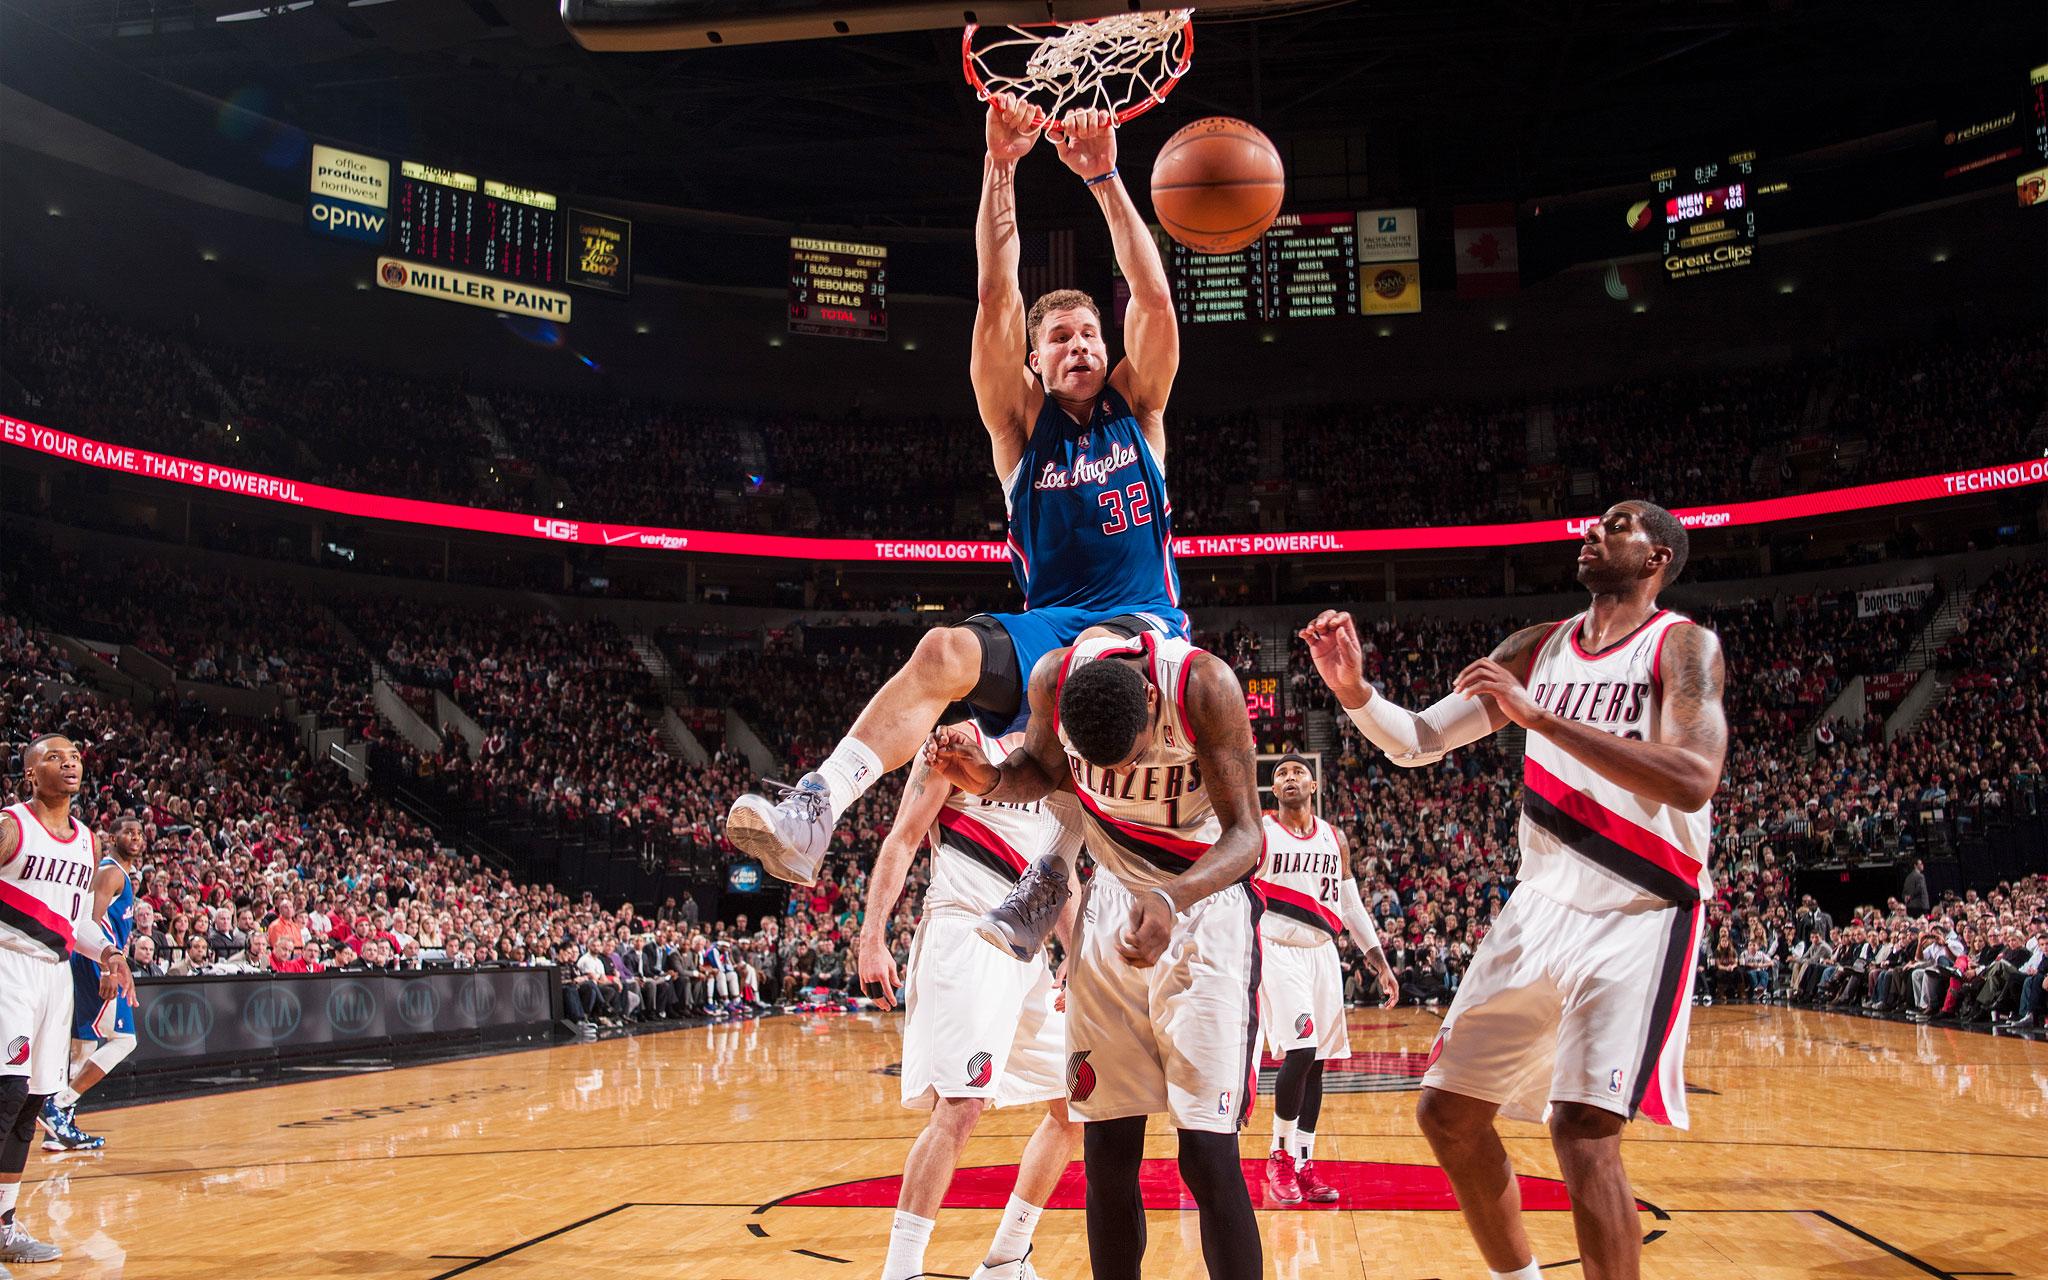 Blake griffin december s best dunks espn